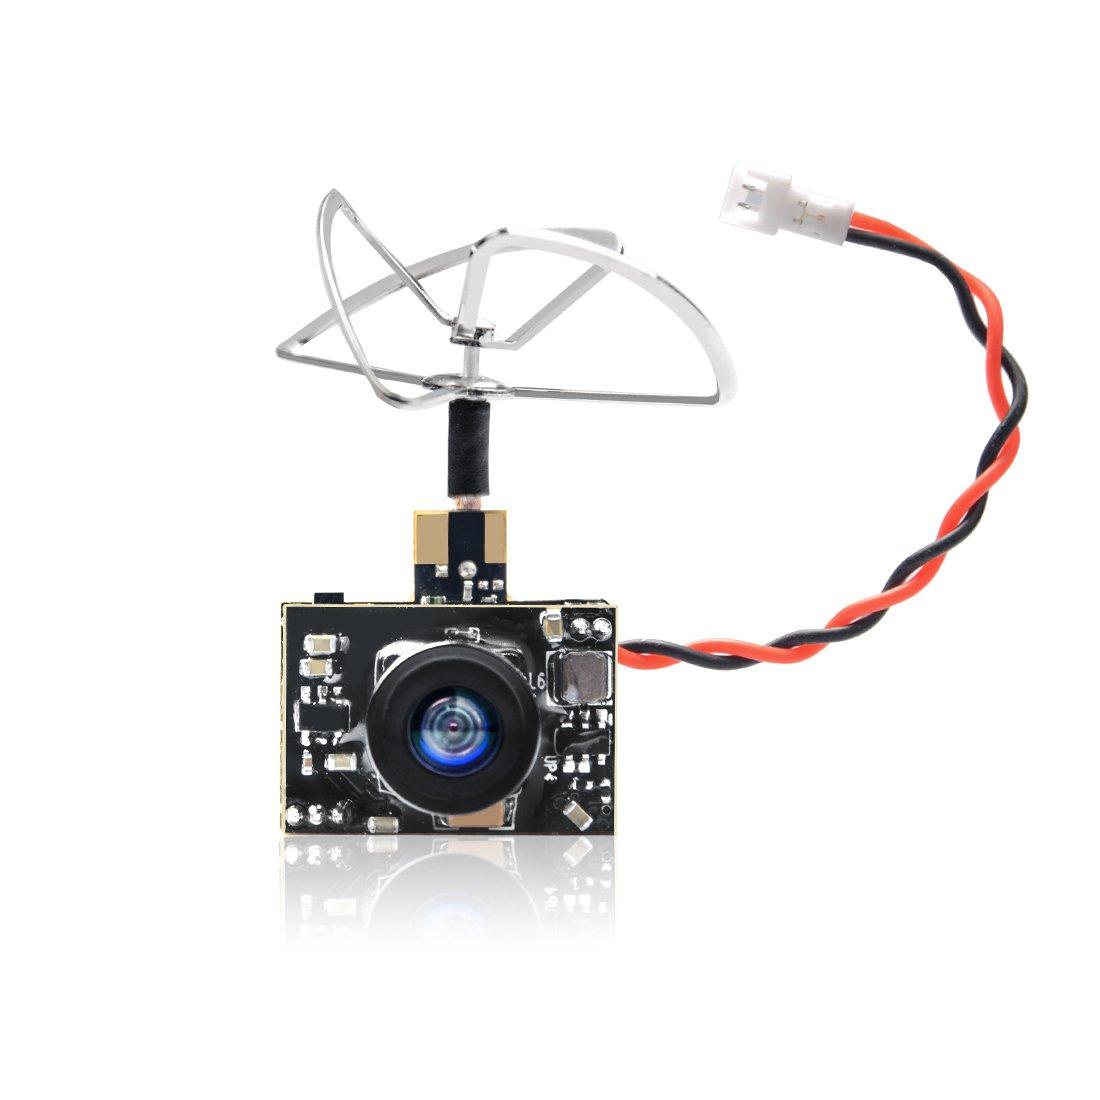 Goqotomo Gt02 200mw 5.8ghz 40ch Fpv Transmisor De Video Con Ultra Micro Aio Ntsc 600tvl Combo De Camara Para Fpv Indoor